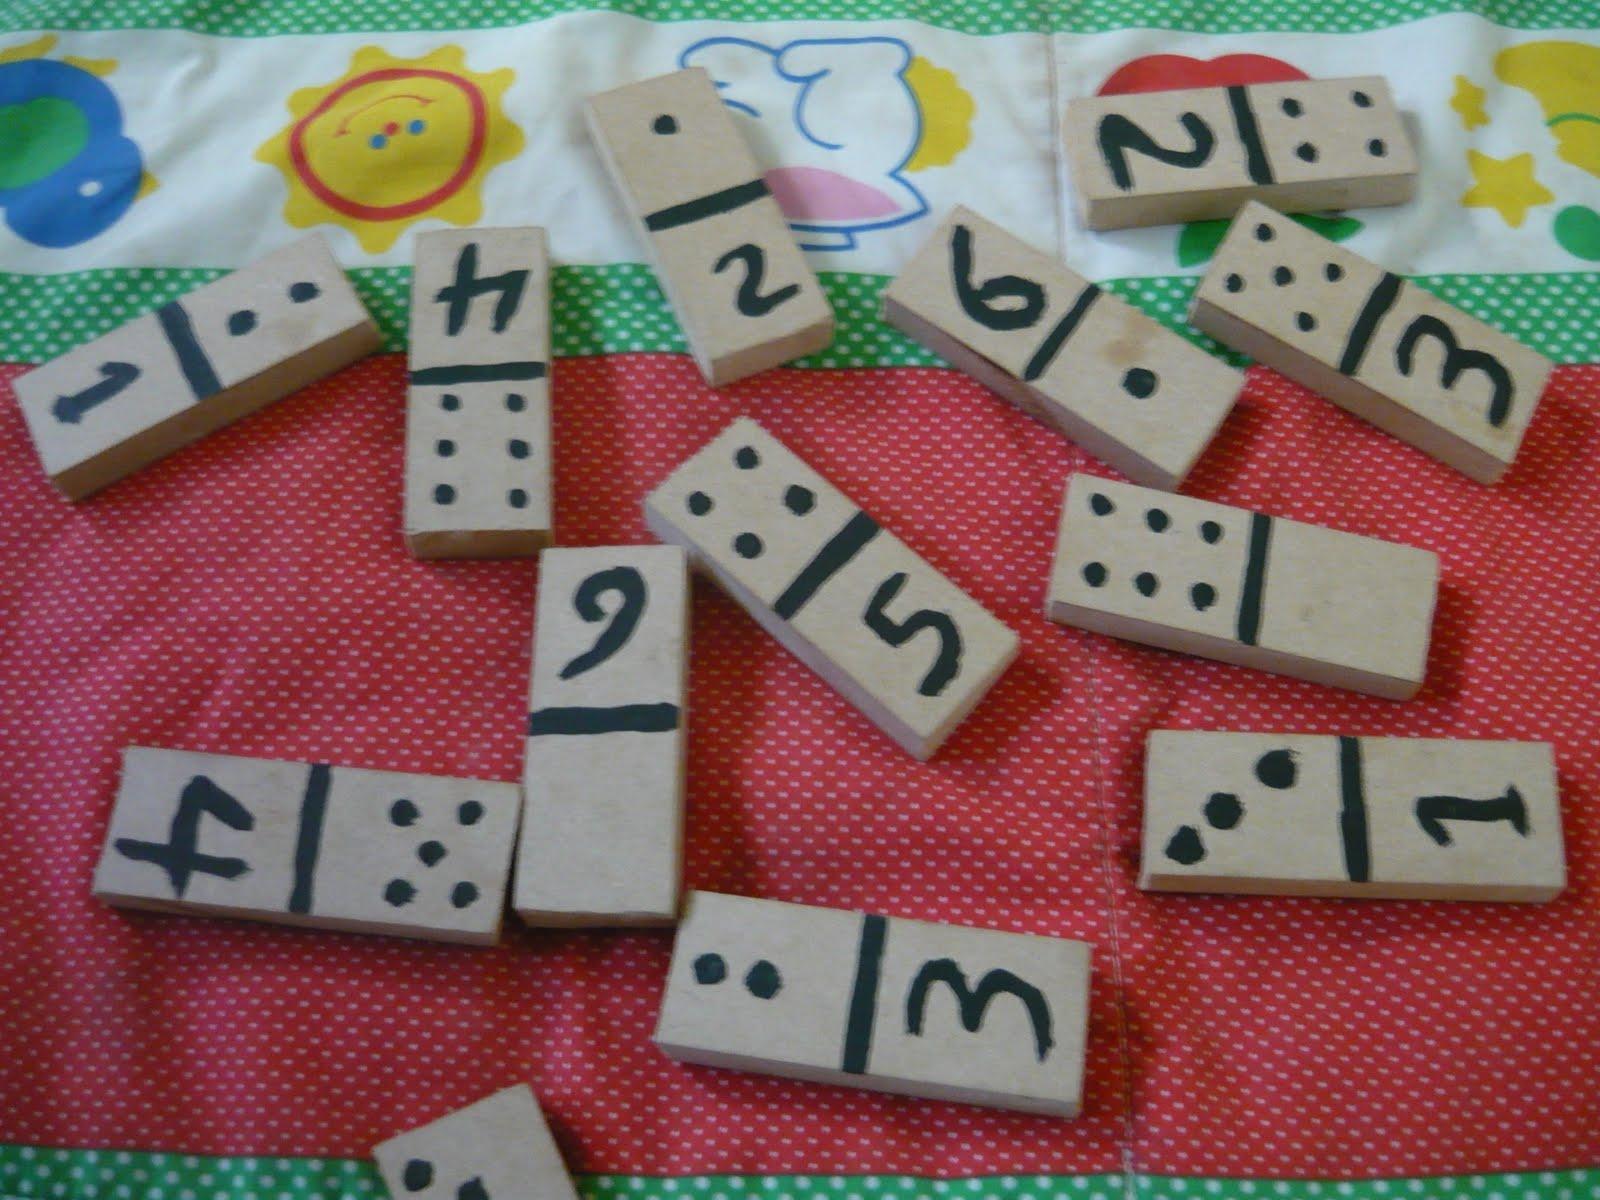 juegos didacticos de matematicas: